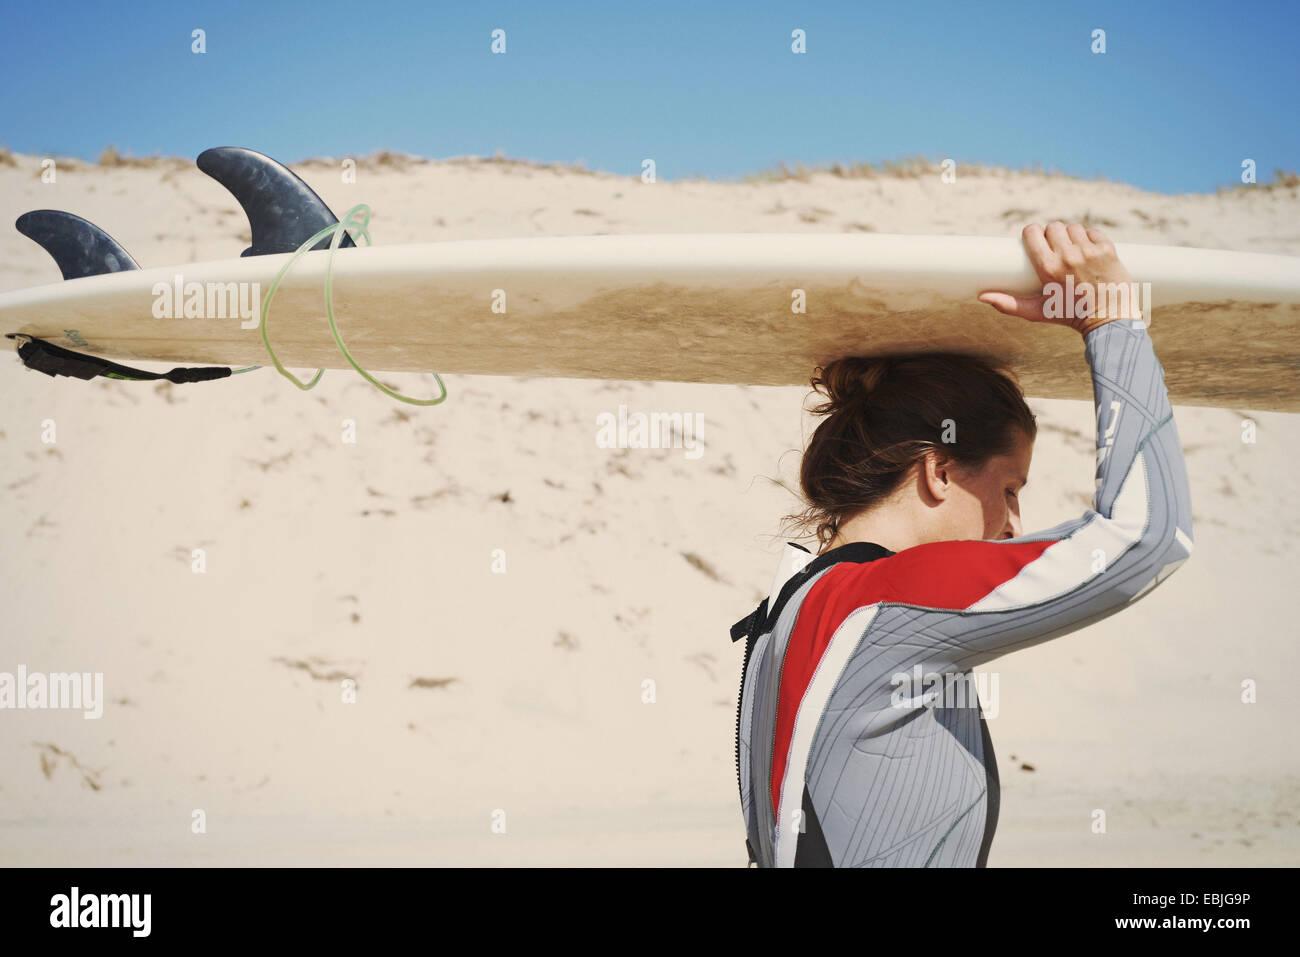 Surfer llevar tablas de surf en la cabeza de playa, Lacanau, Francia Imagen De Stock